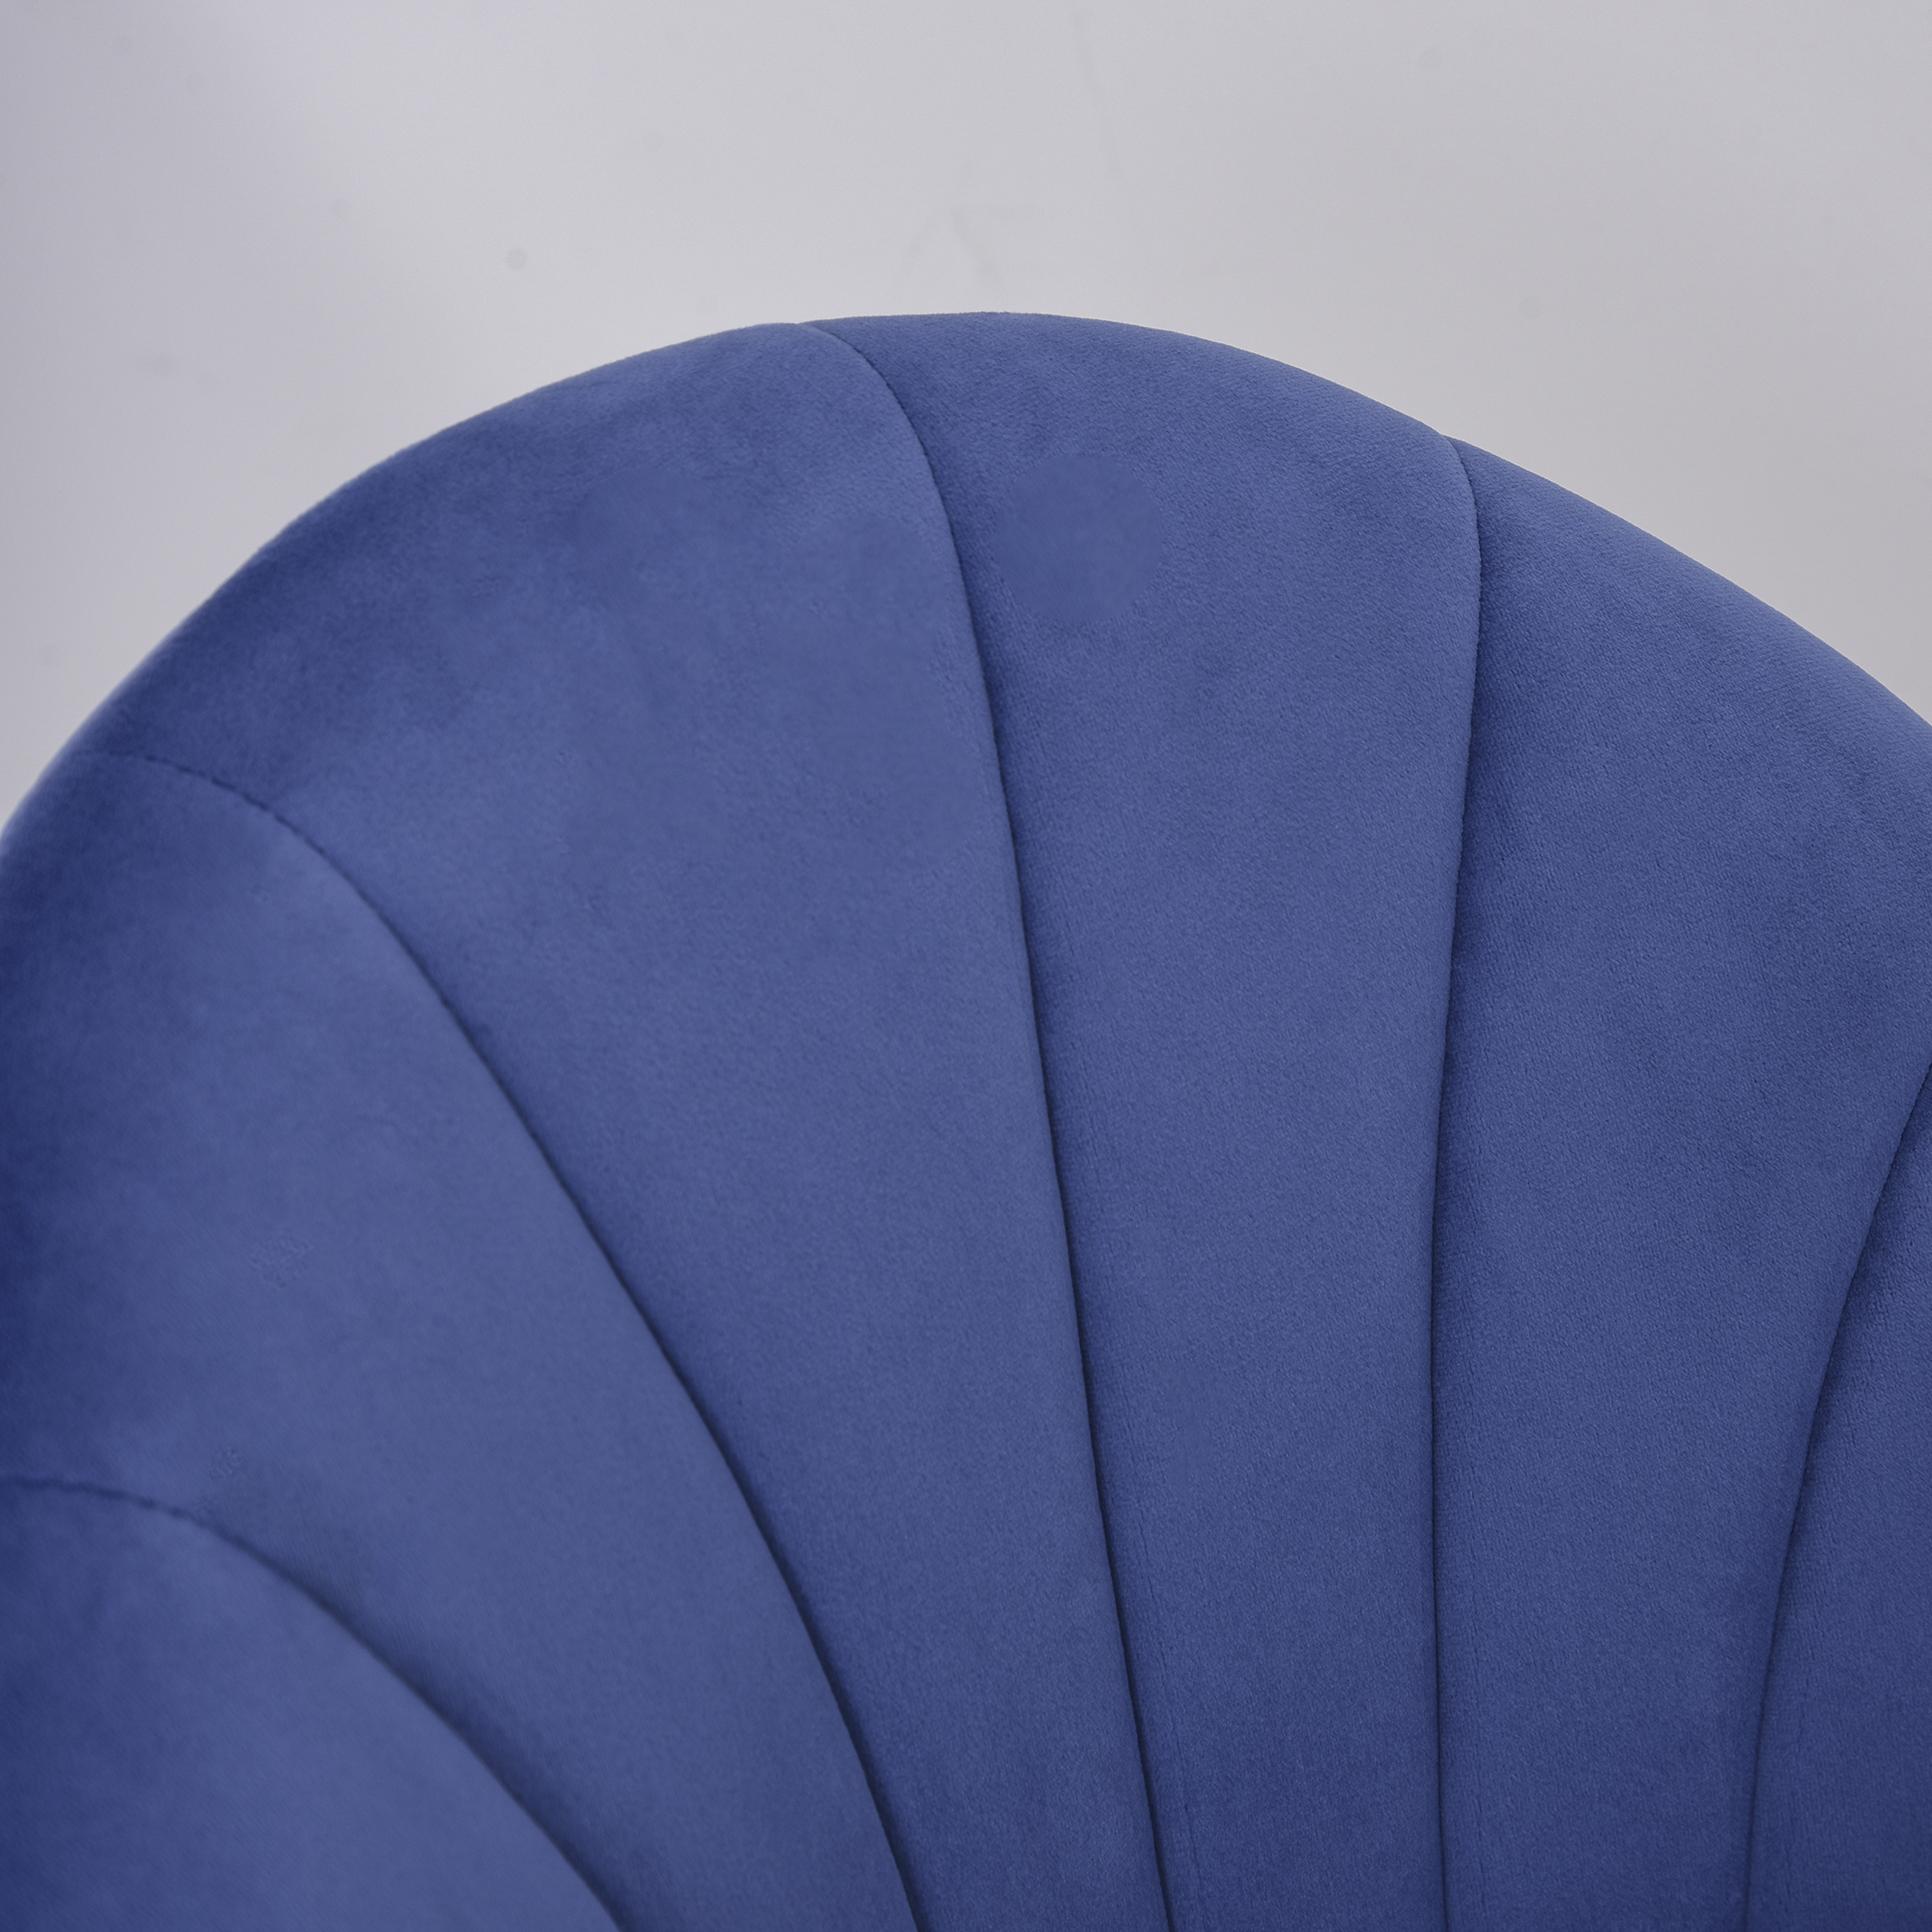 Set 2 Sedie per Sala da Pranzo Imbottite Design Nordico ...